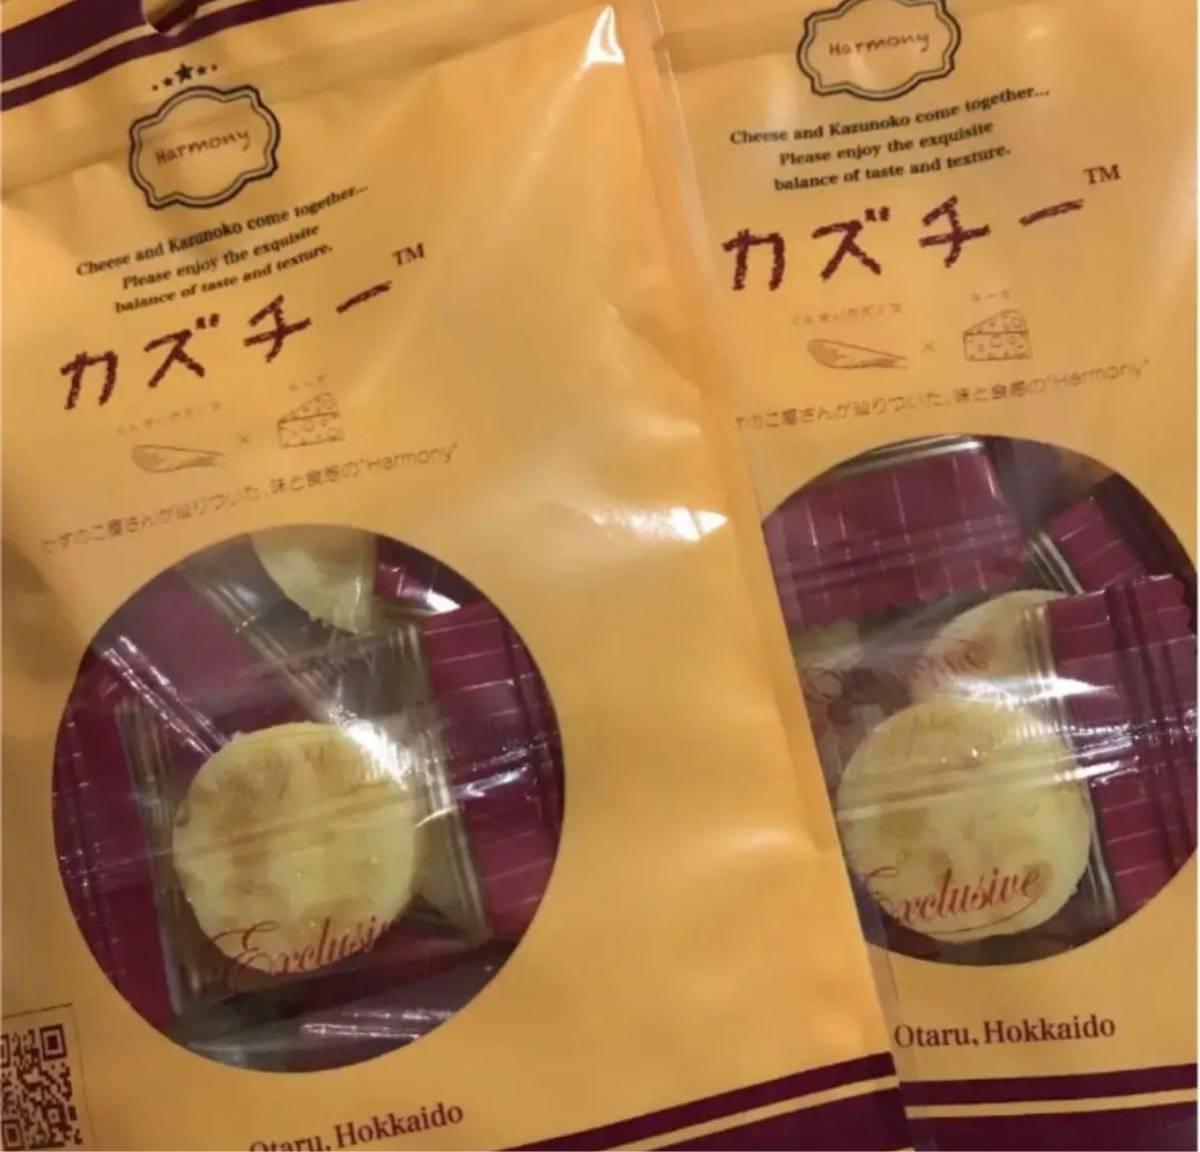 新品 カズチー お菓子 テレビ大人気激売れ かずちー